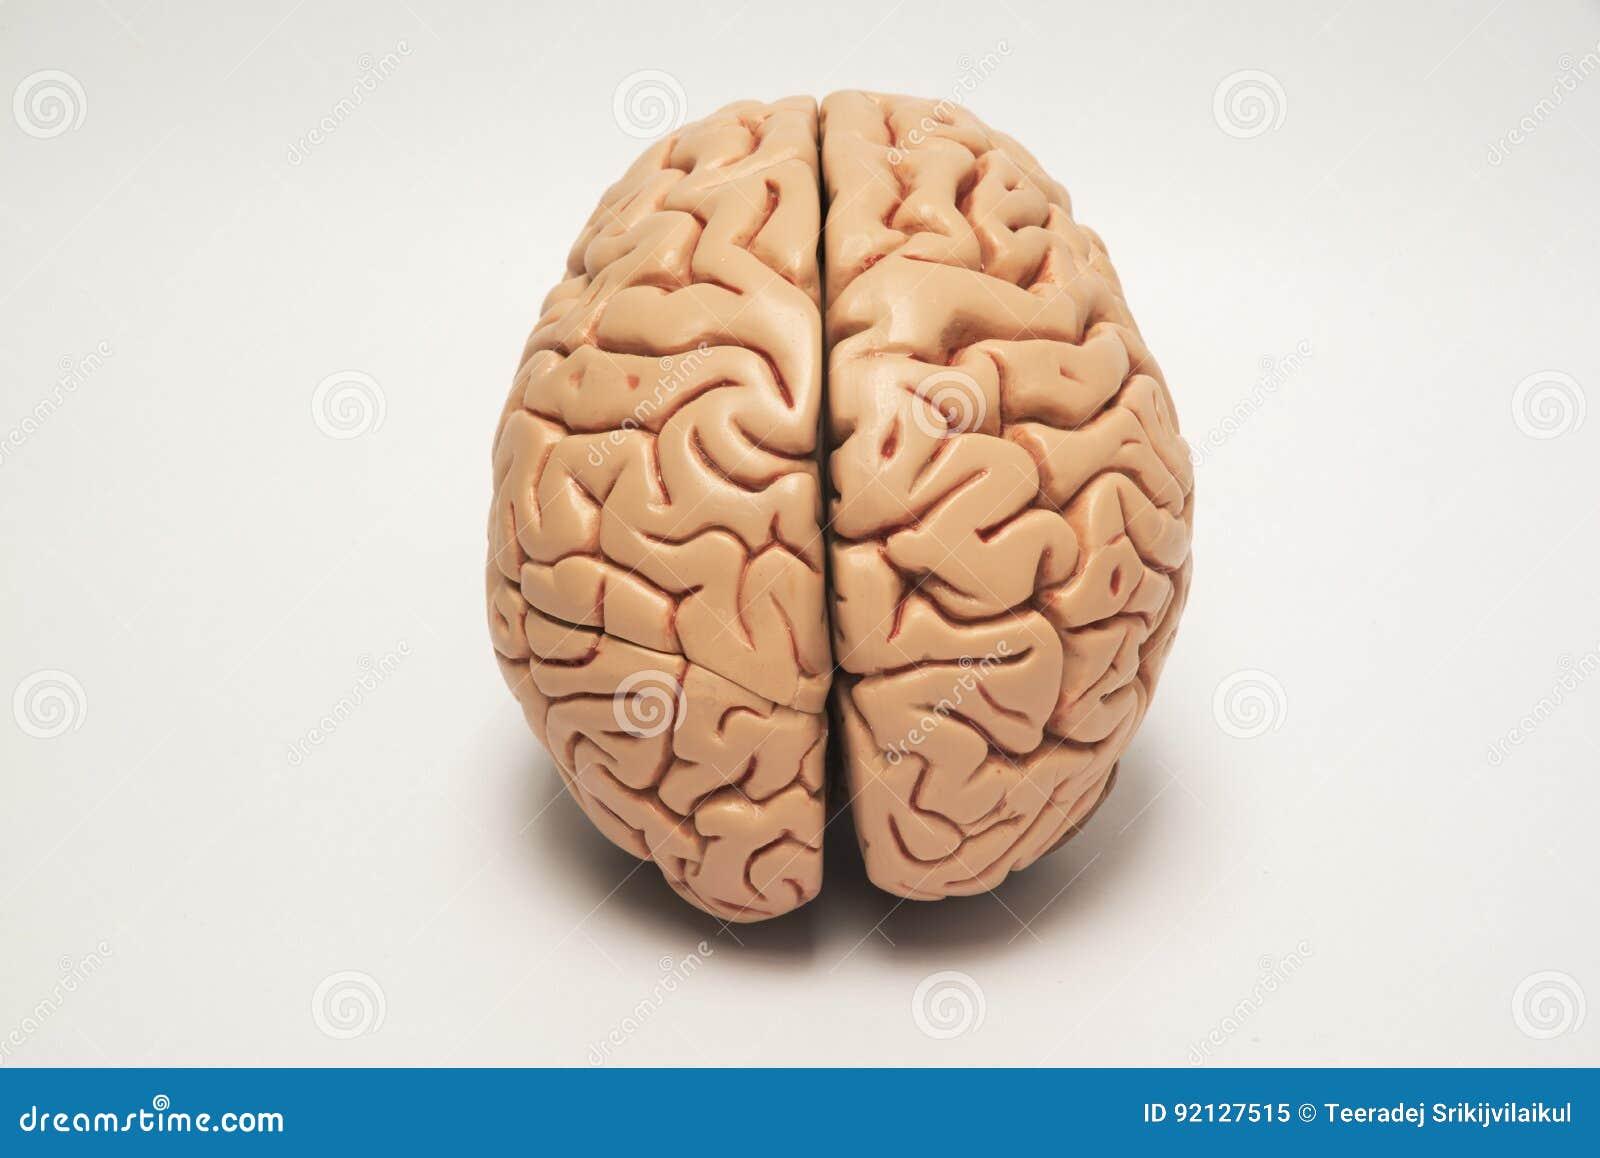 Modelo artificial do cérebro humano